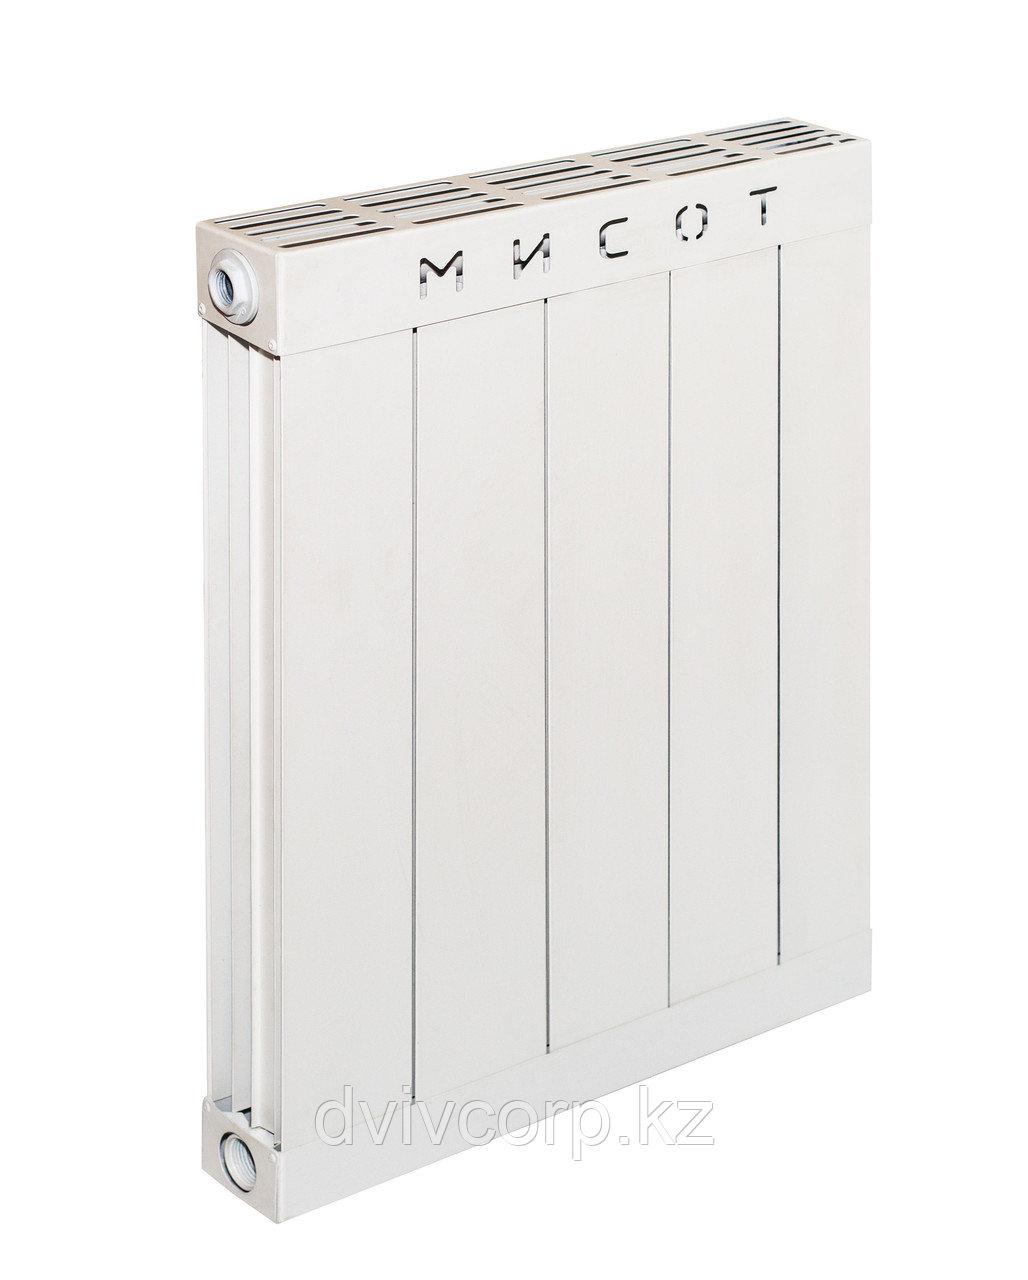 Биметаллические экструзионные радиаторы МИСОТ БМ